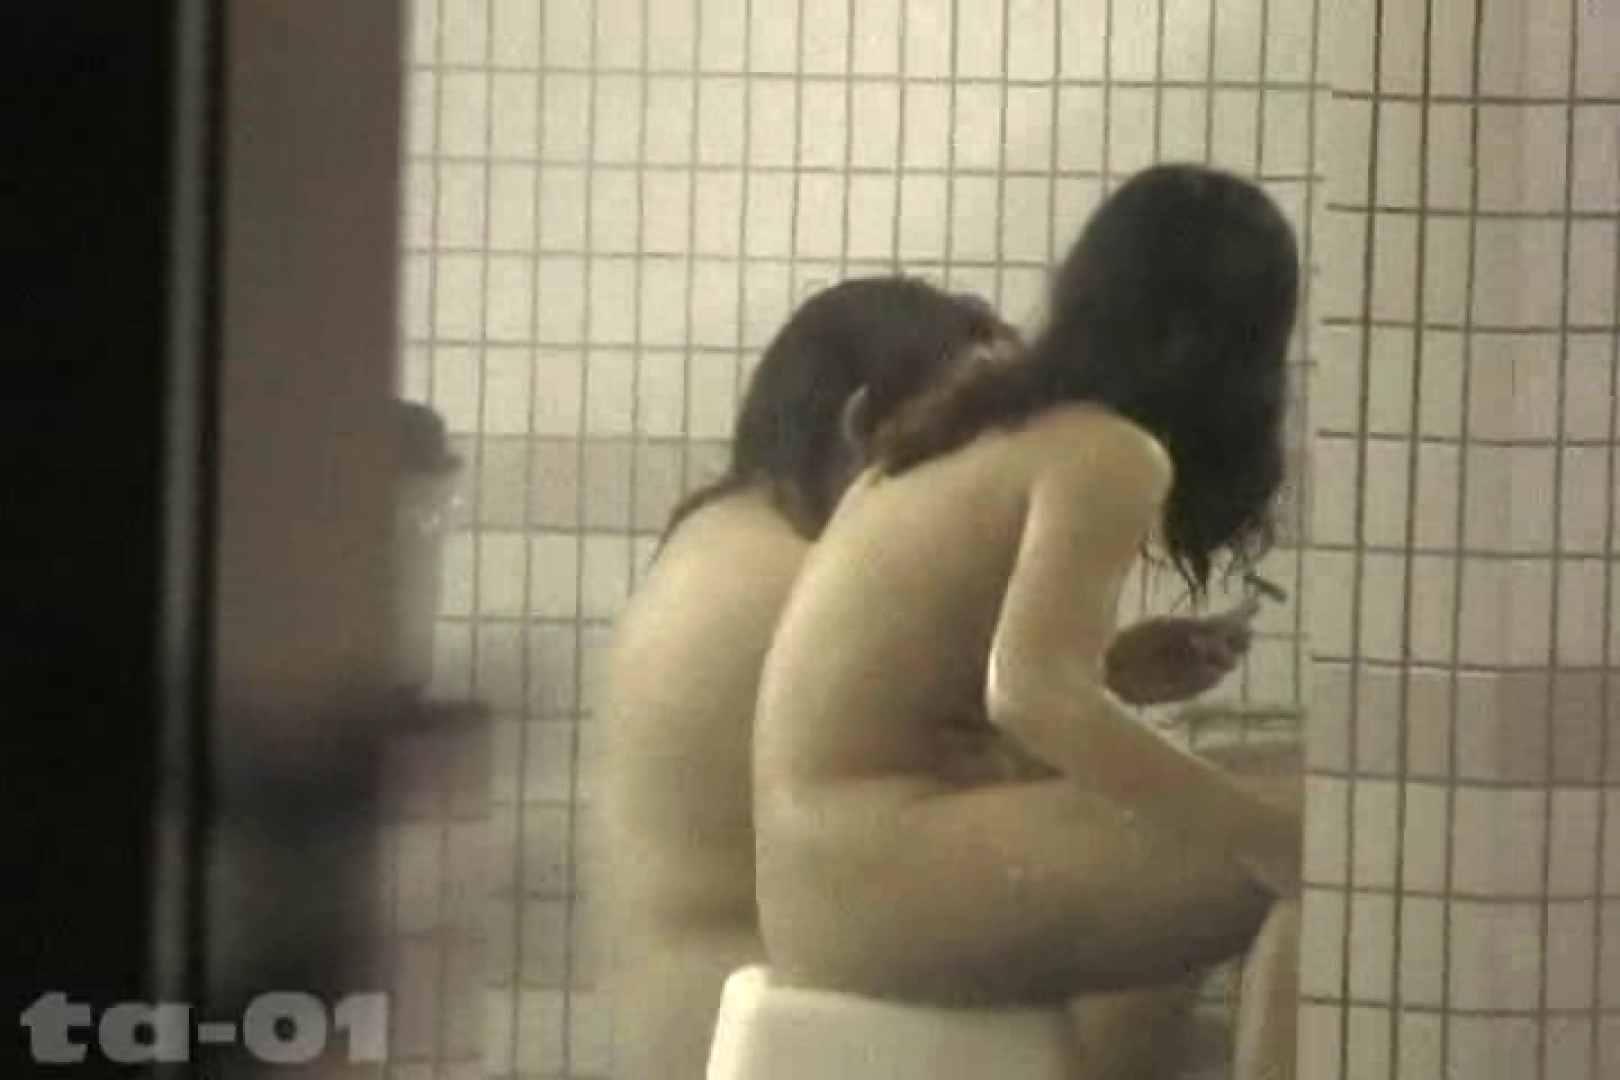 合宿ホテル女風呂盗撮高画質版 Vol.01 高画質動画   ホテルでエッチ  106画像 61